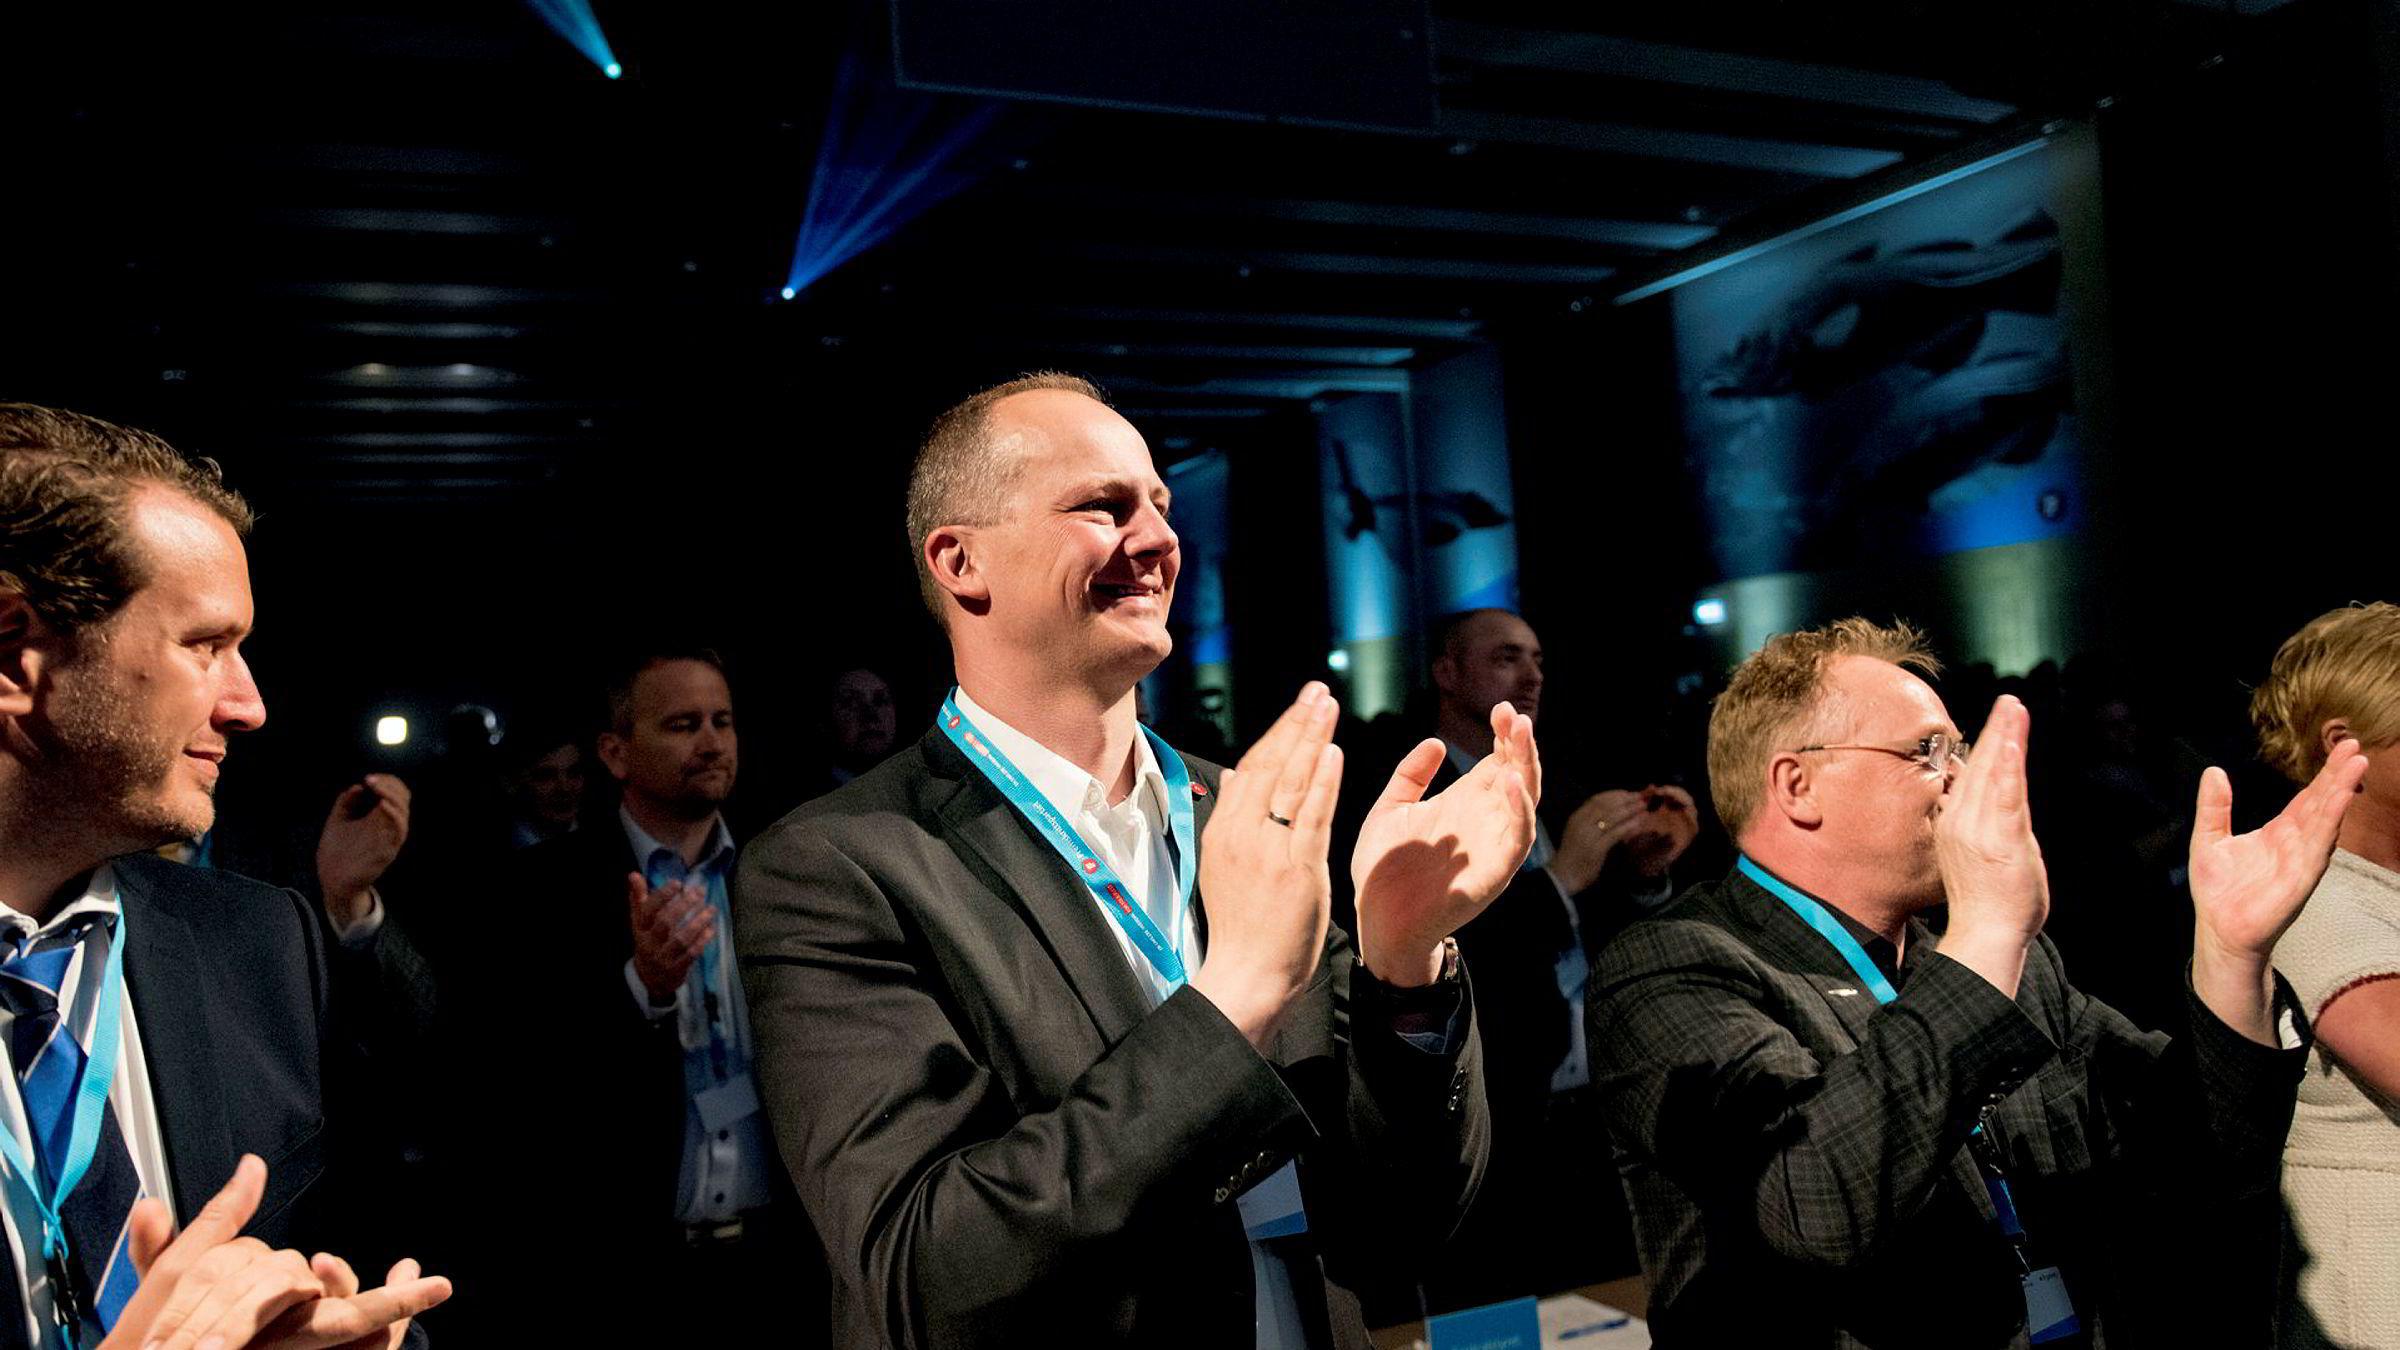 Samferdselsminister Ketil Solvik-Olsen (Frp) bør kutte ut Grenlandsbanen, råder økonomer. Her er Solvik-Olsen på første rad under åpningen av Frp-landsmøtet fredag ettermiddag.